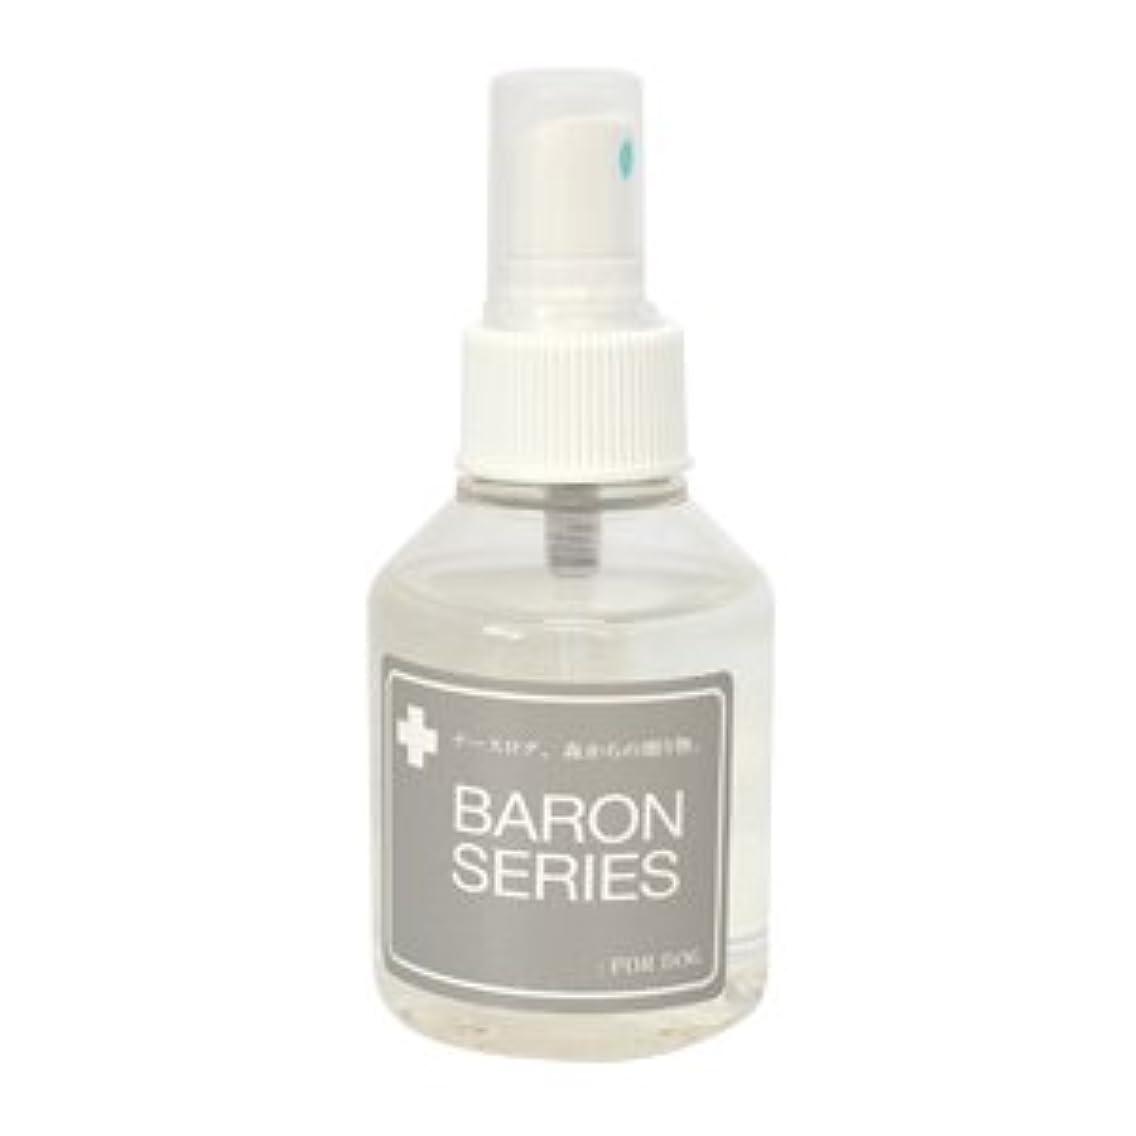 支配する特に電卓BARON SERIES(バロンシリーズ)肉球トリートメントスプレー100ml